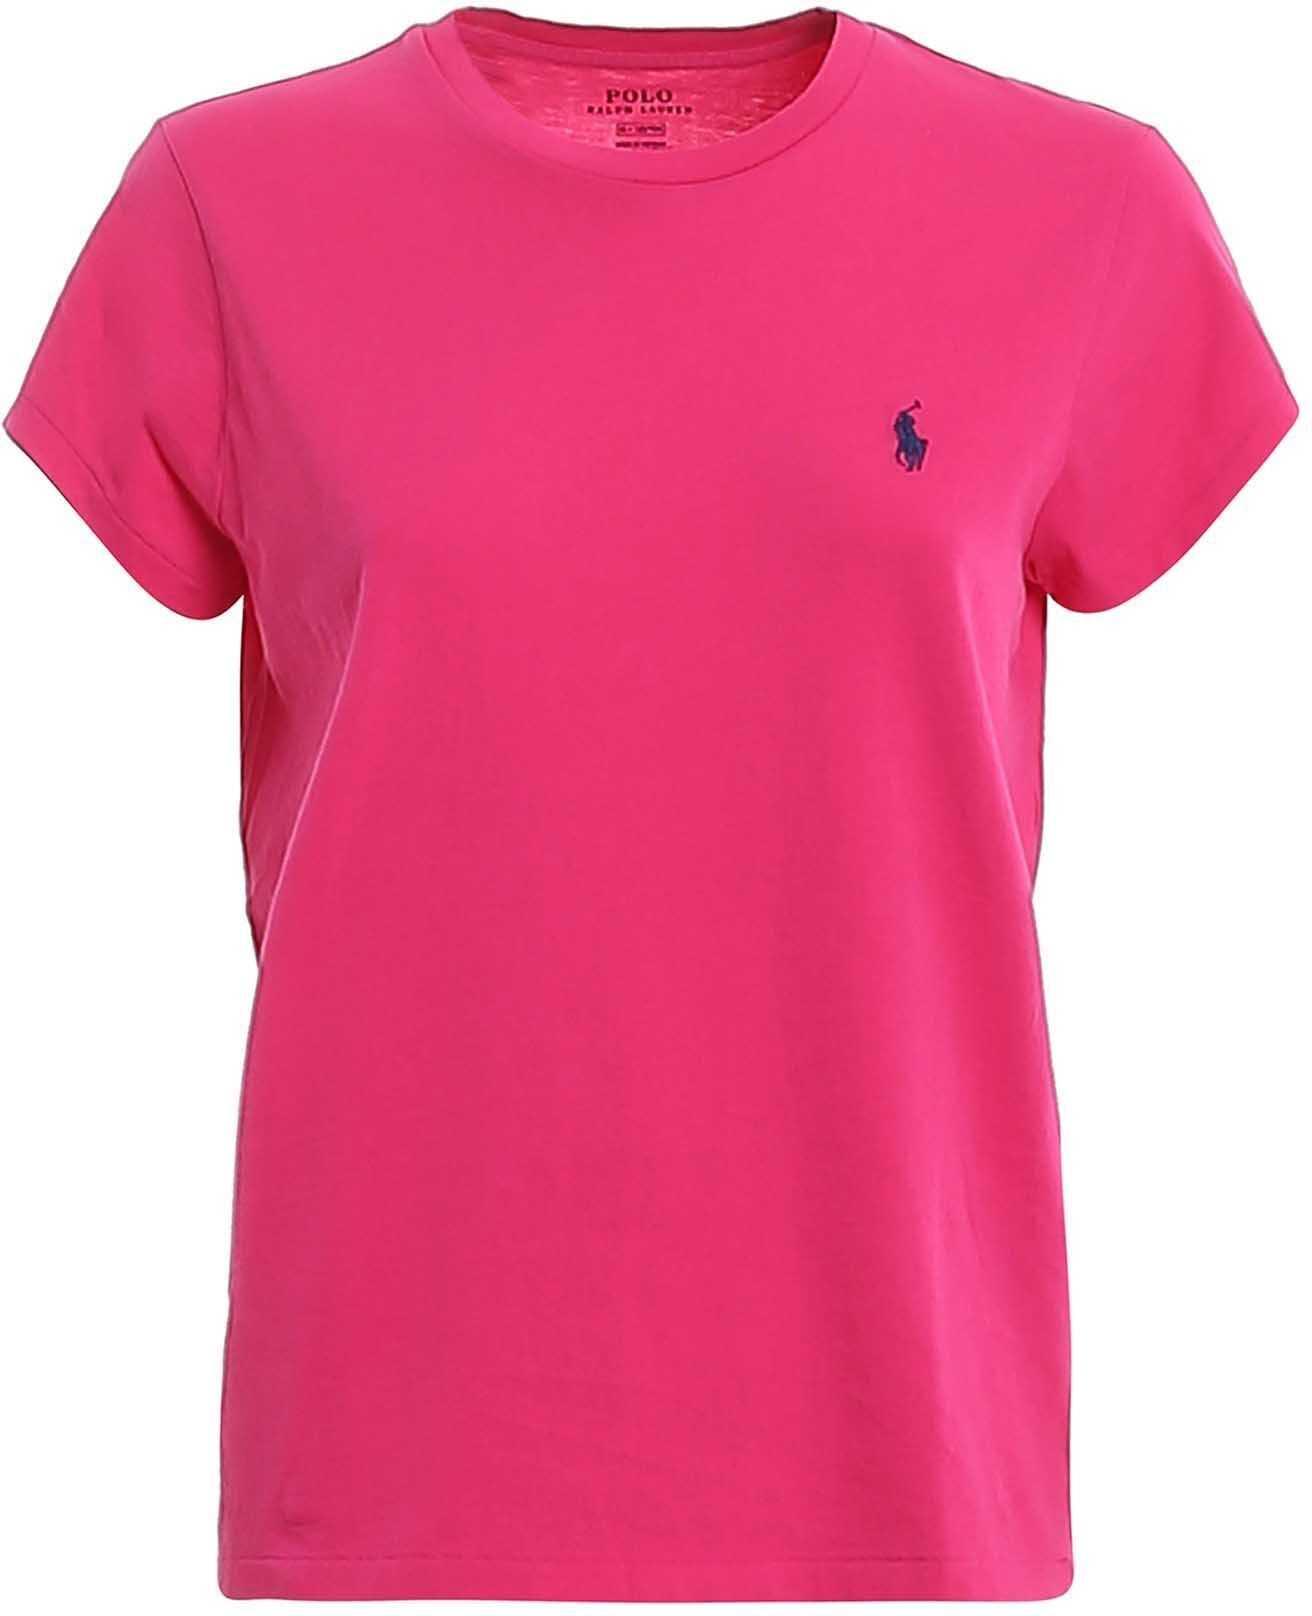 Ralph Lauren Logo Embroidery Jersey Fuchsia T-Shirt Fuchsia